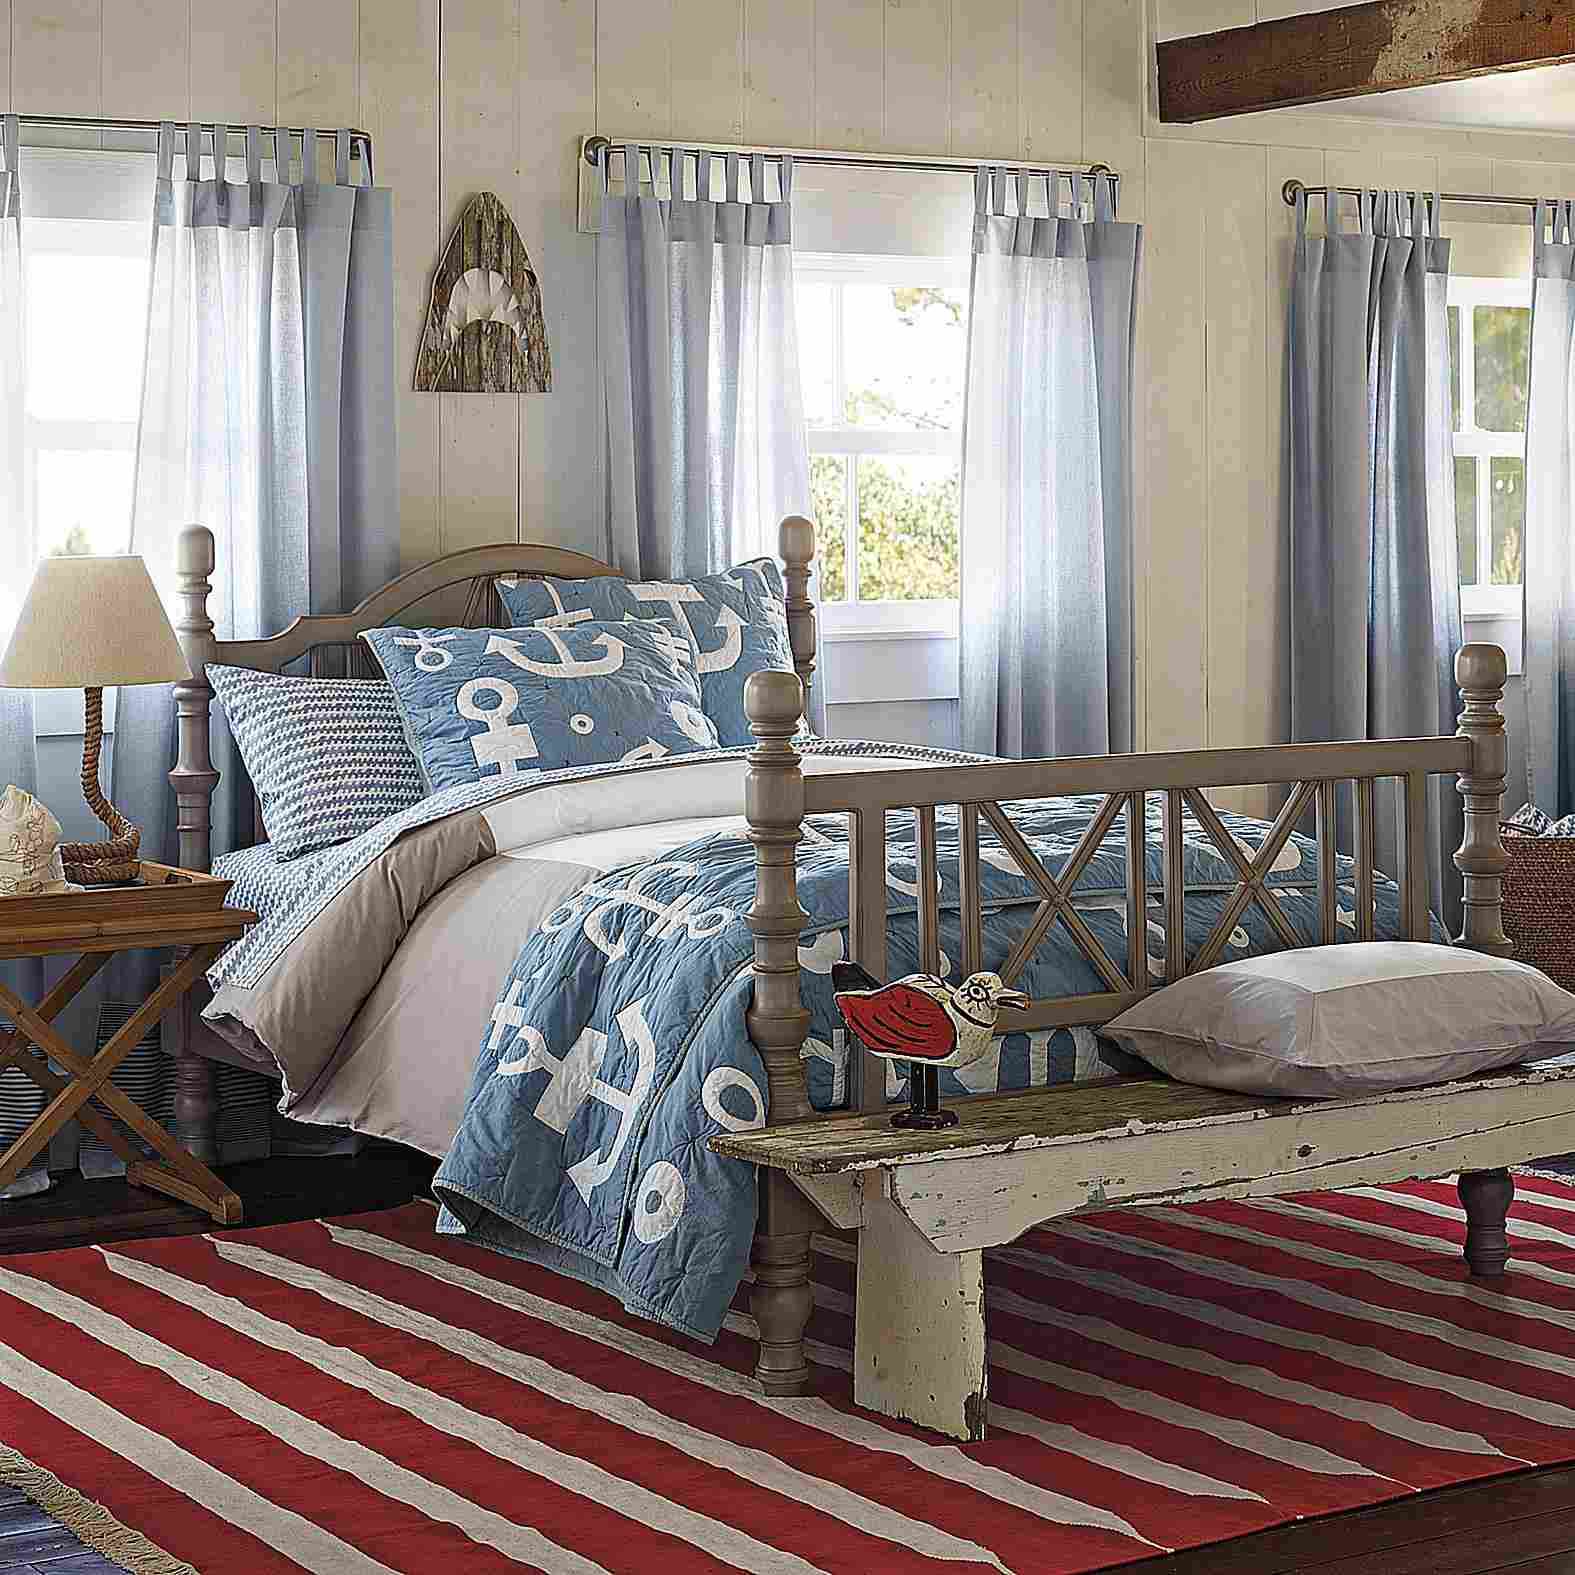 Habitación con alfombra roja y blanca a rayas y colcha azul náutica